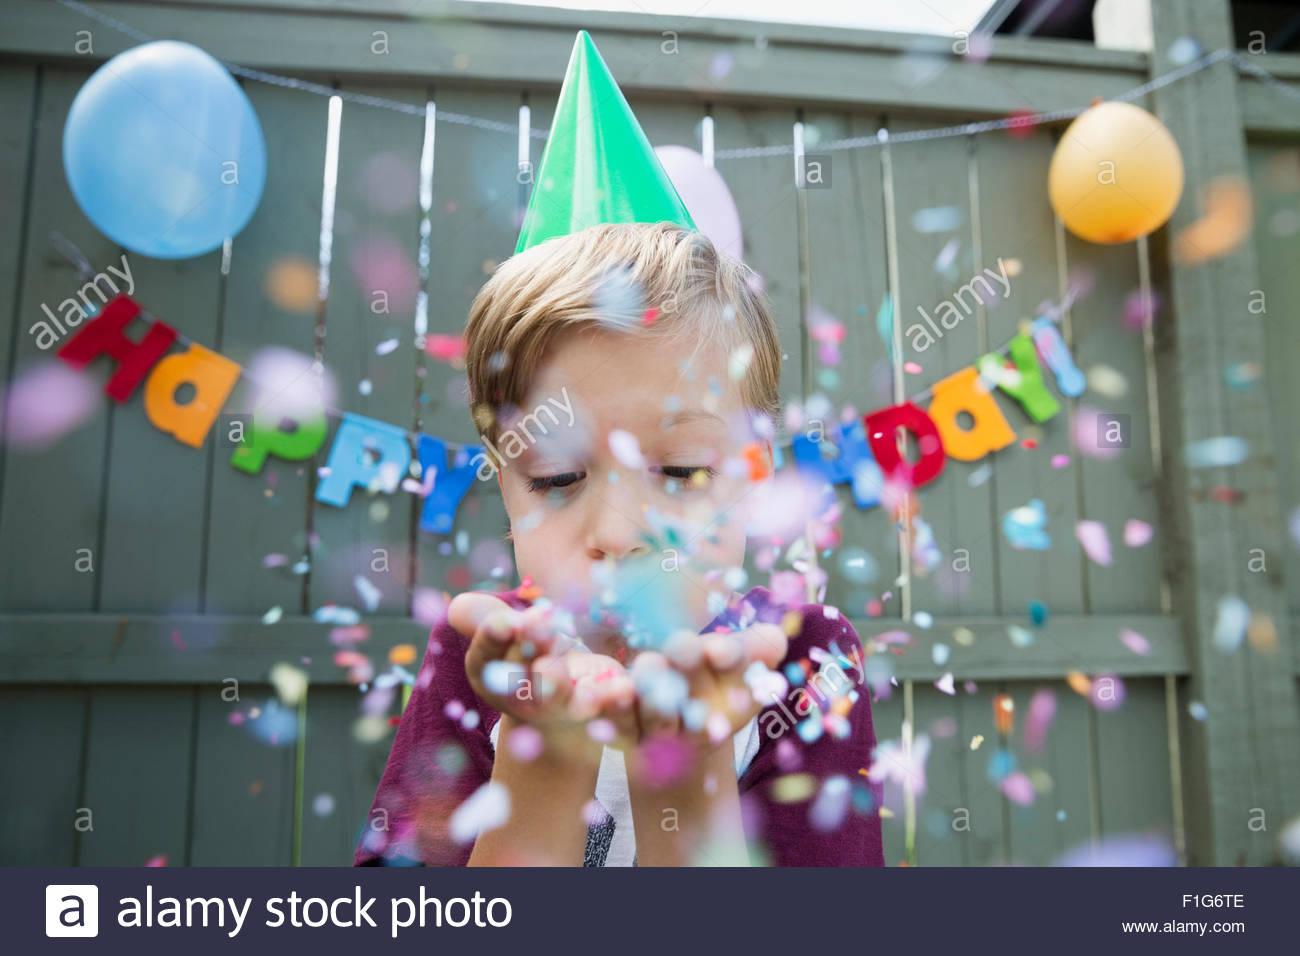 Ragazzo soffiando coriandoli indossando festa di compleanno hat Immagini Stock